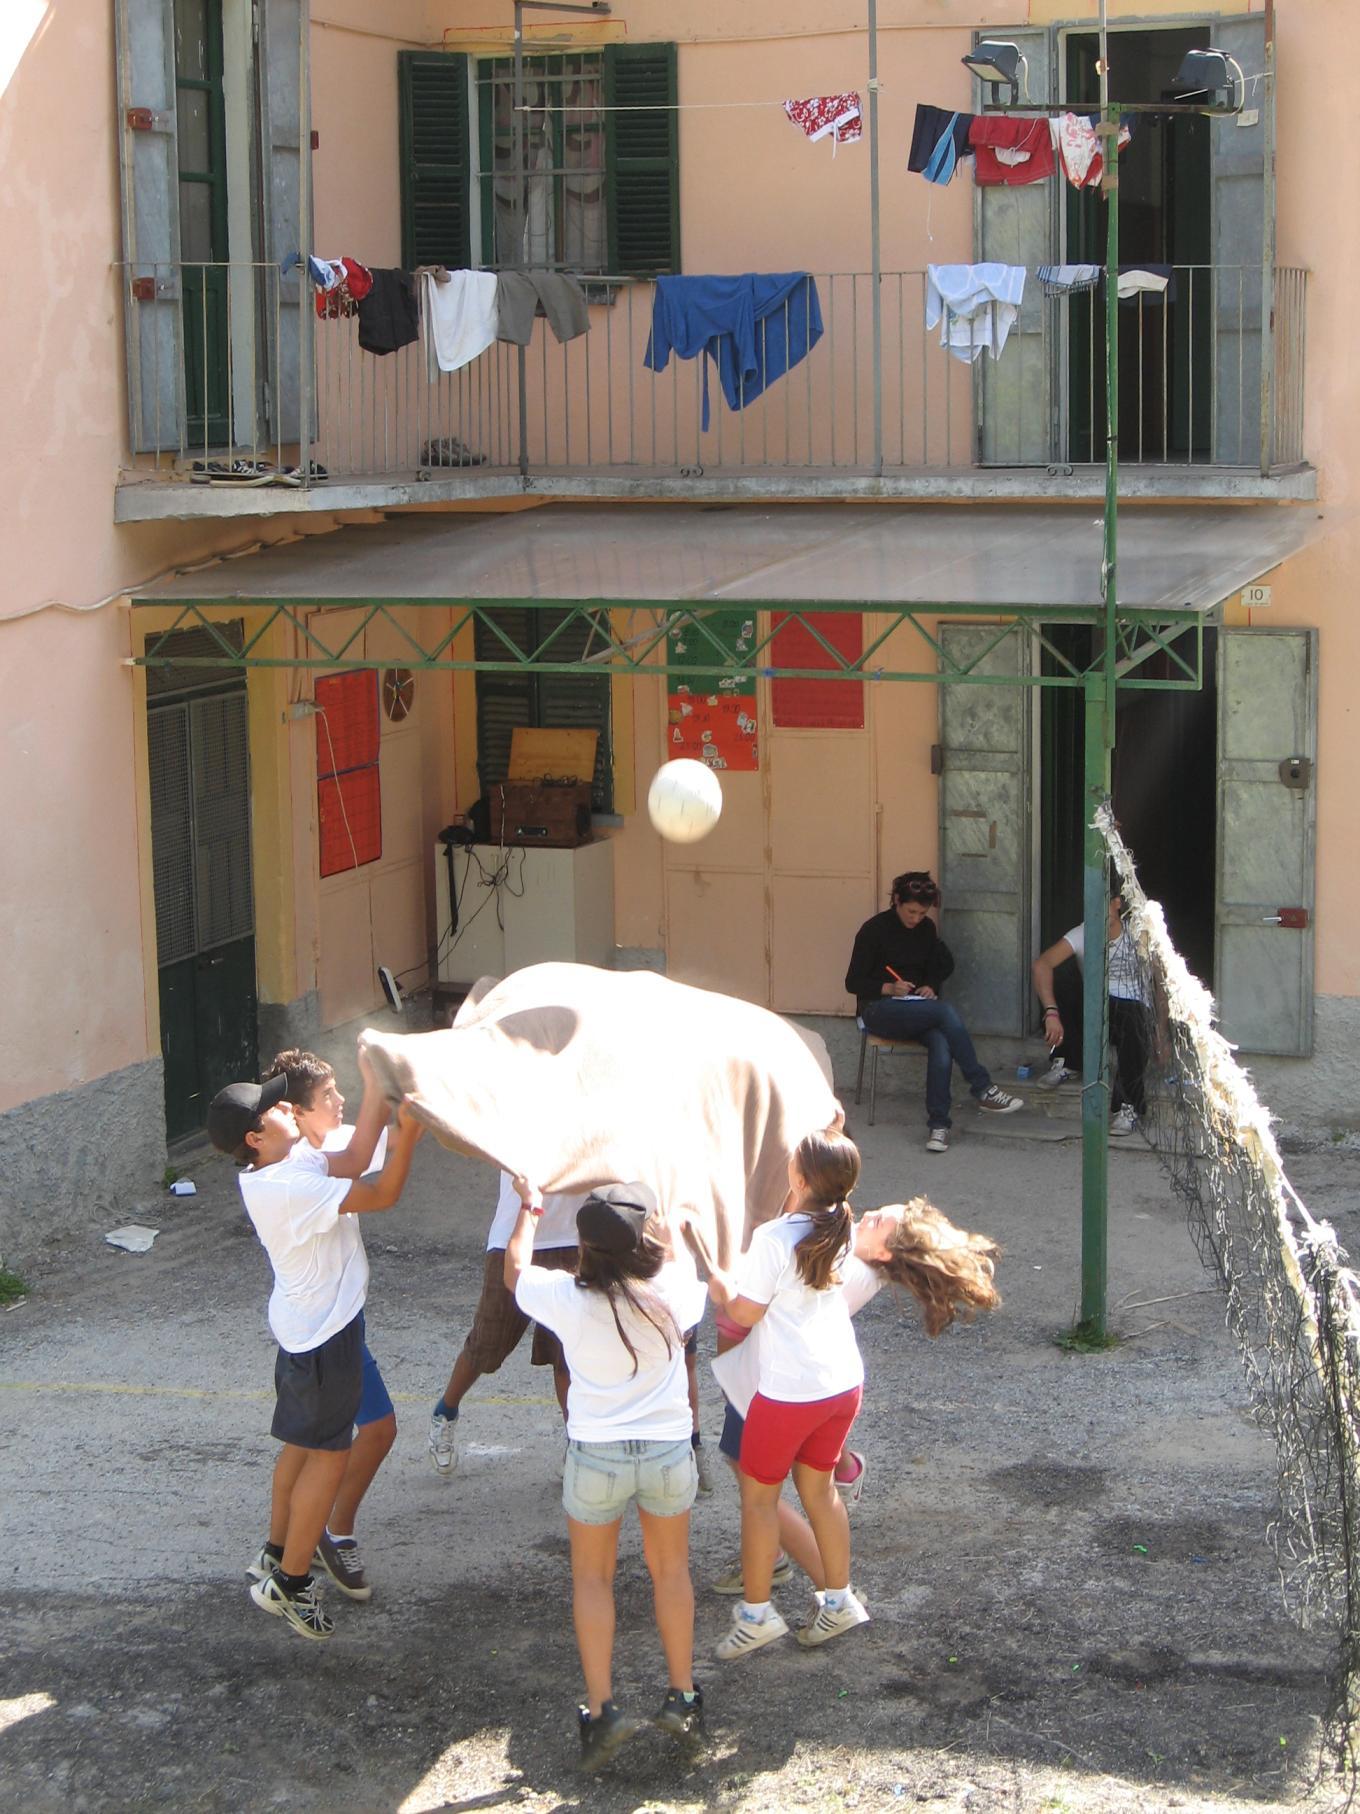 Campo_San_Giacomo_gare-2009-07-07--10.17.42